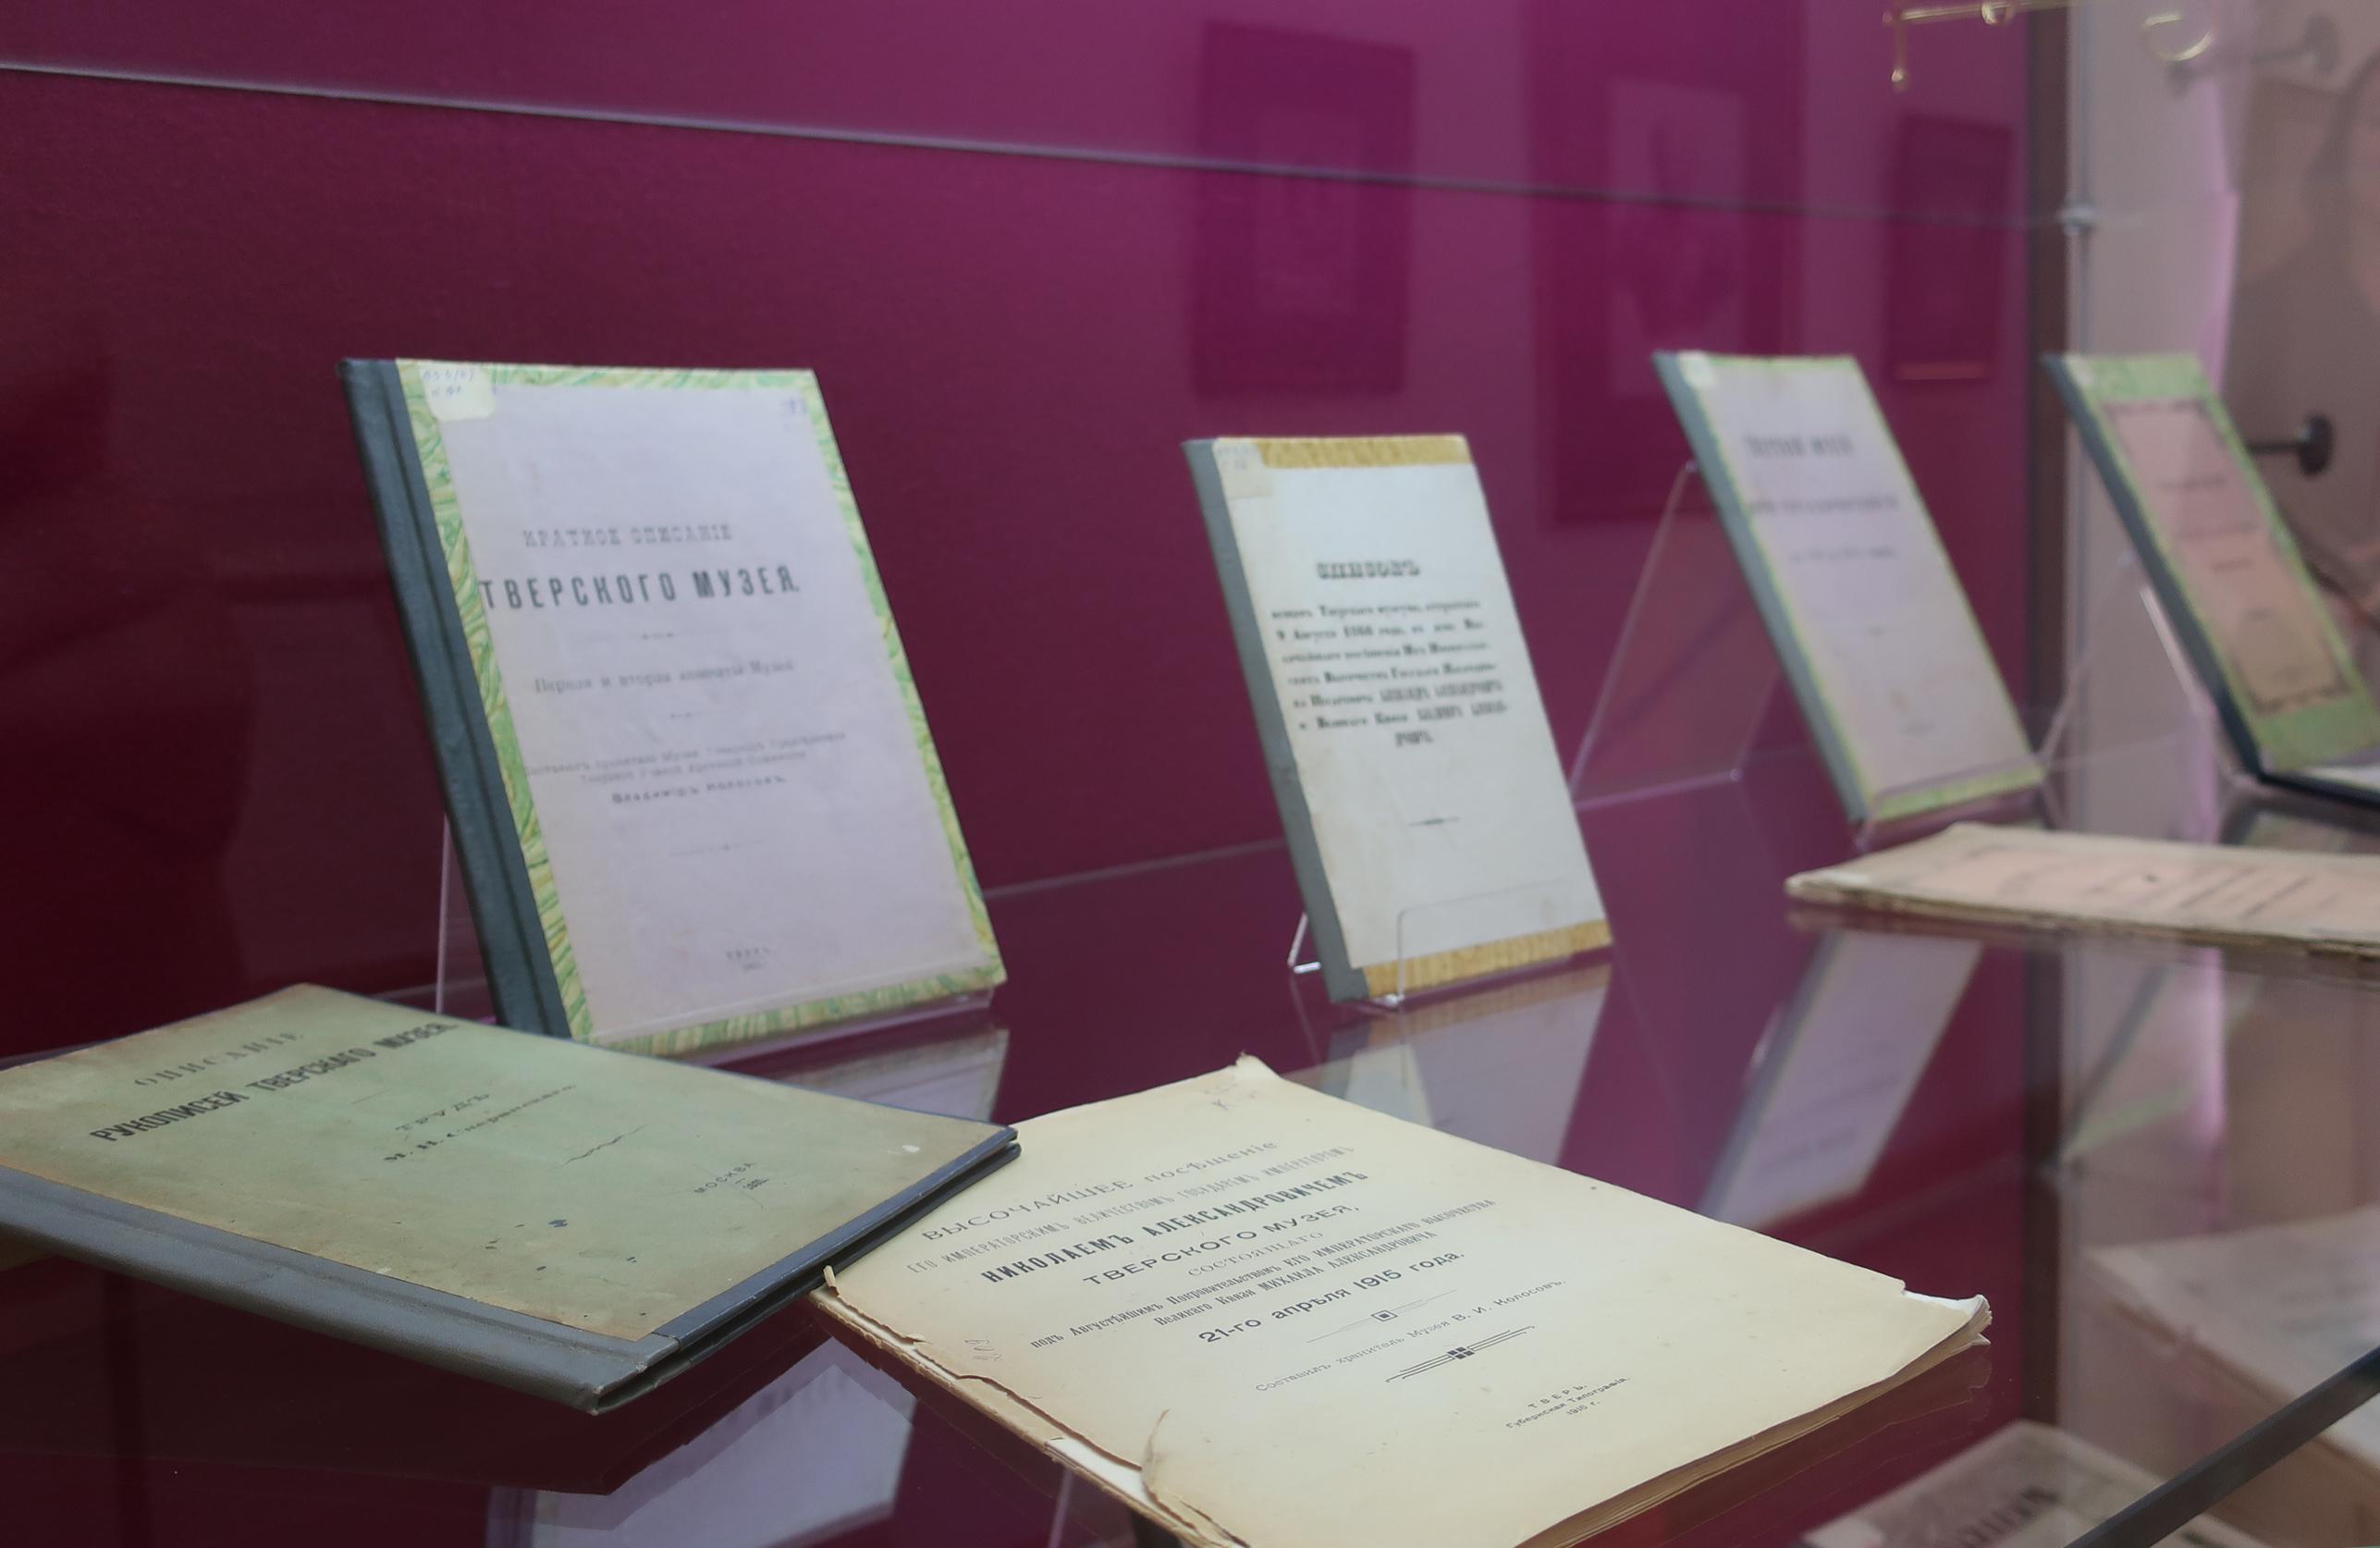 Тверская картинная галерея приглашает на выставку уникальных старинных книг